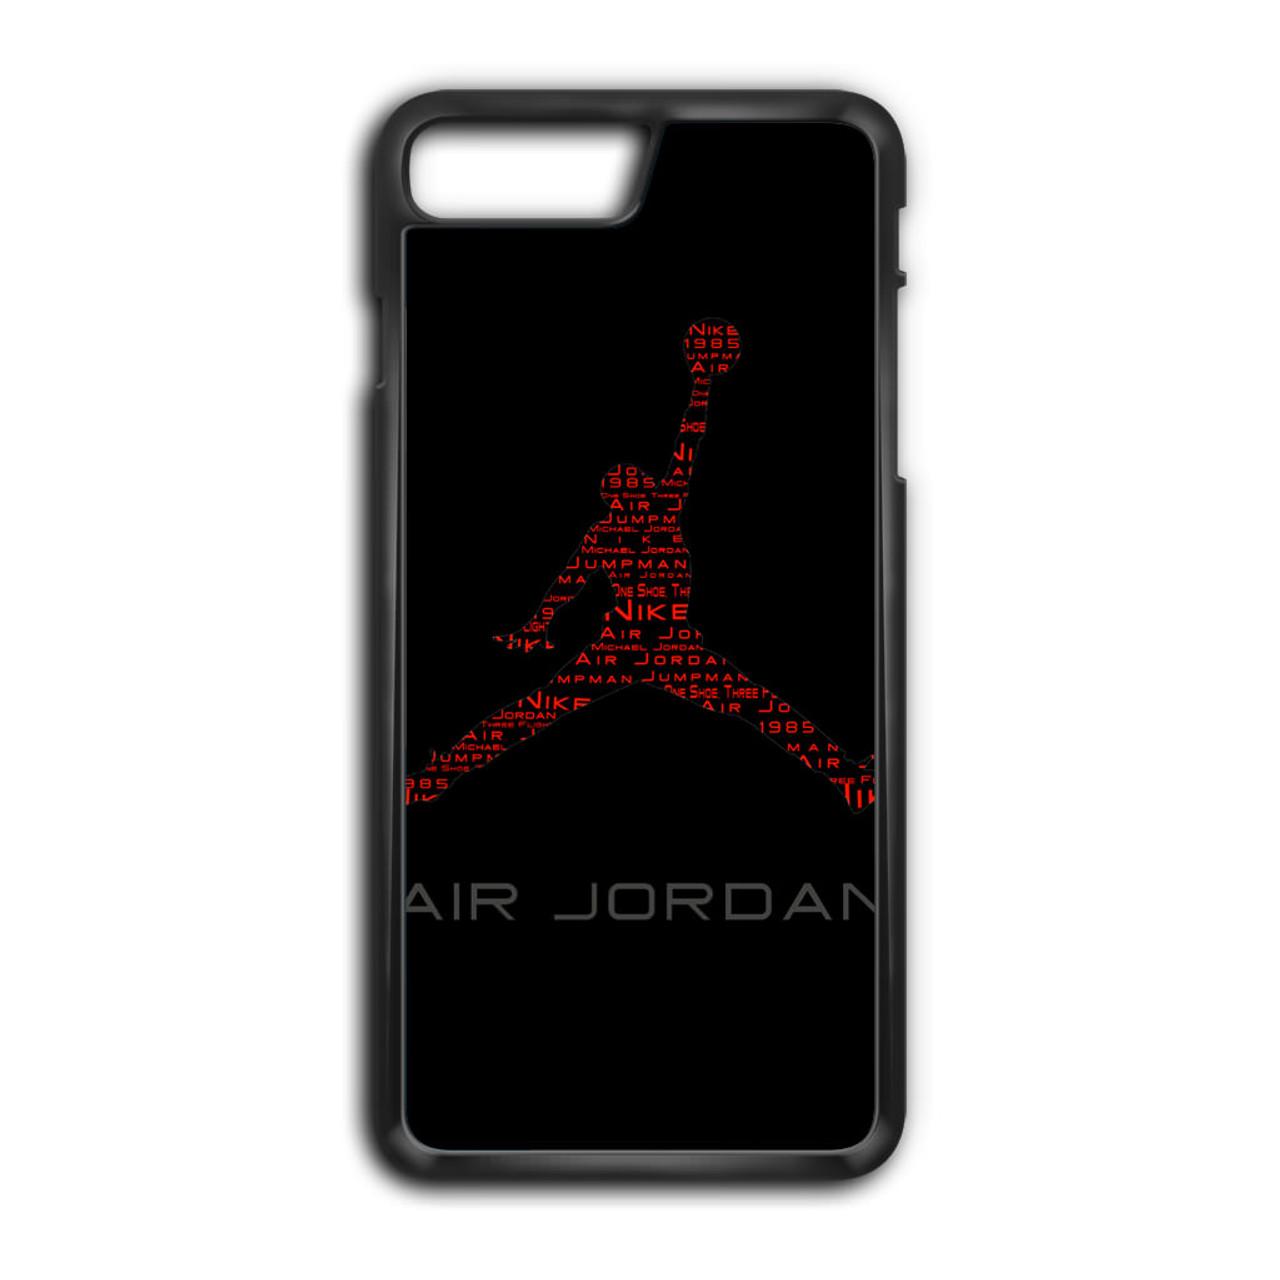 air jordan iphone 7